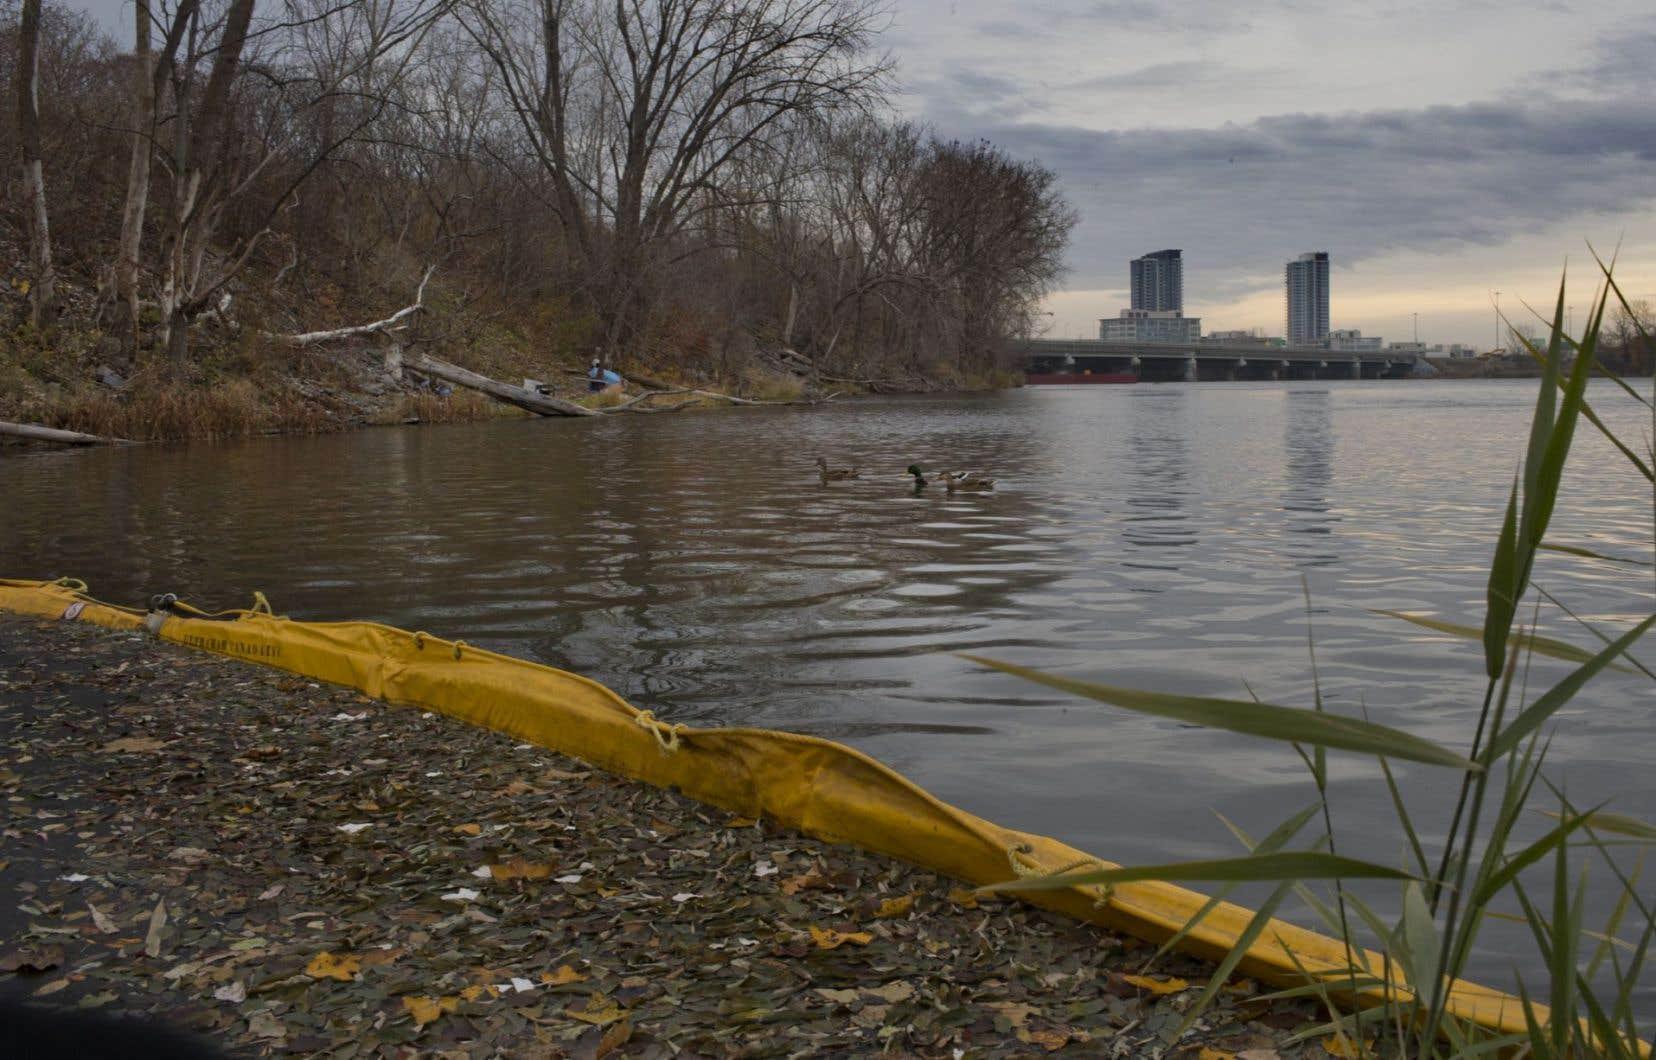 <p>La Ville de Montréal a notamment installé une barrière flottante près des rives de Verdun pour limiter la dispersion des matières. De la berge mercredi matin, les odeurs des rejets sanitaires étaient perceptibles.</p>